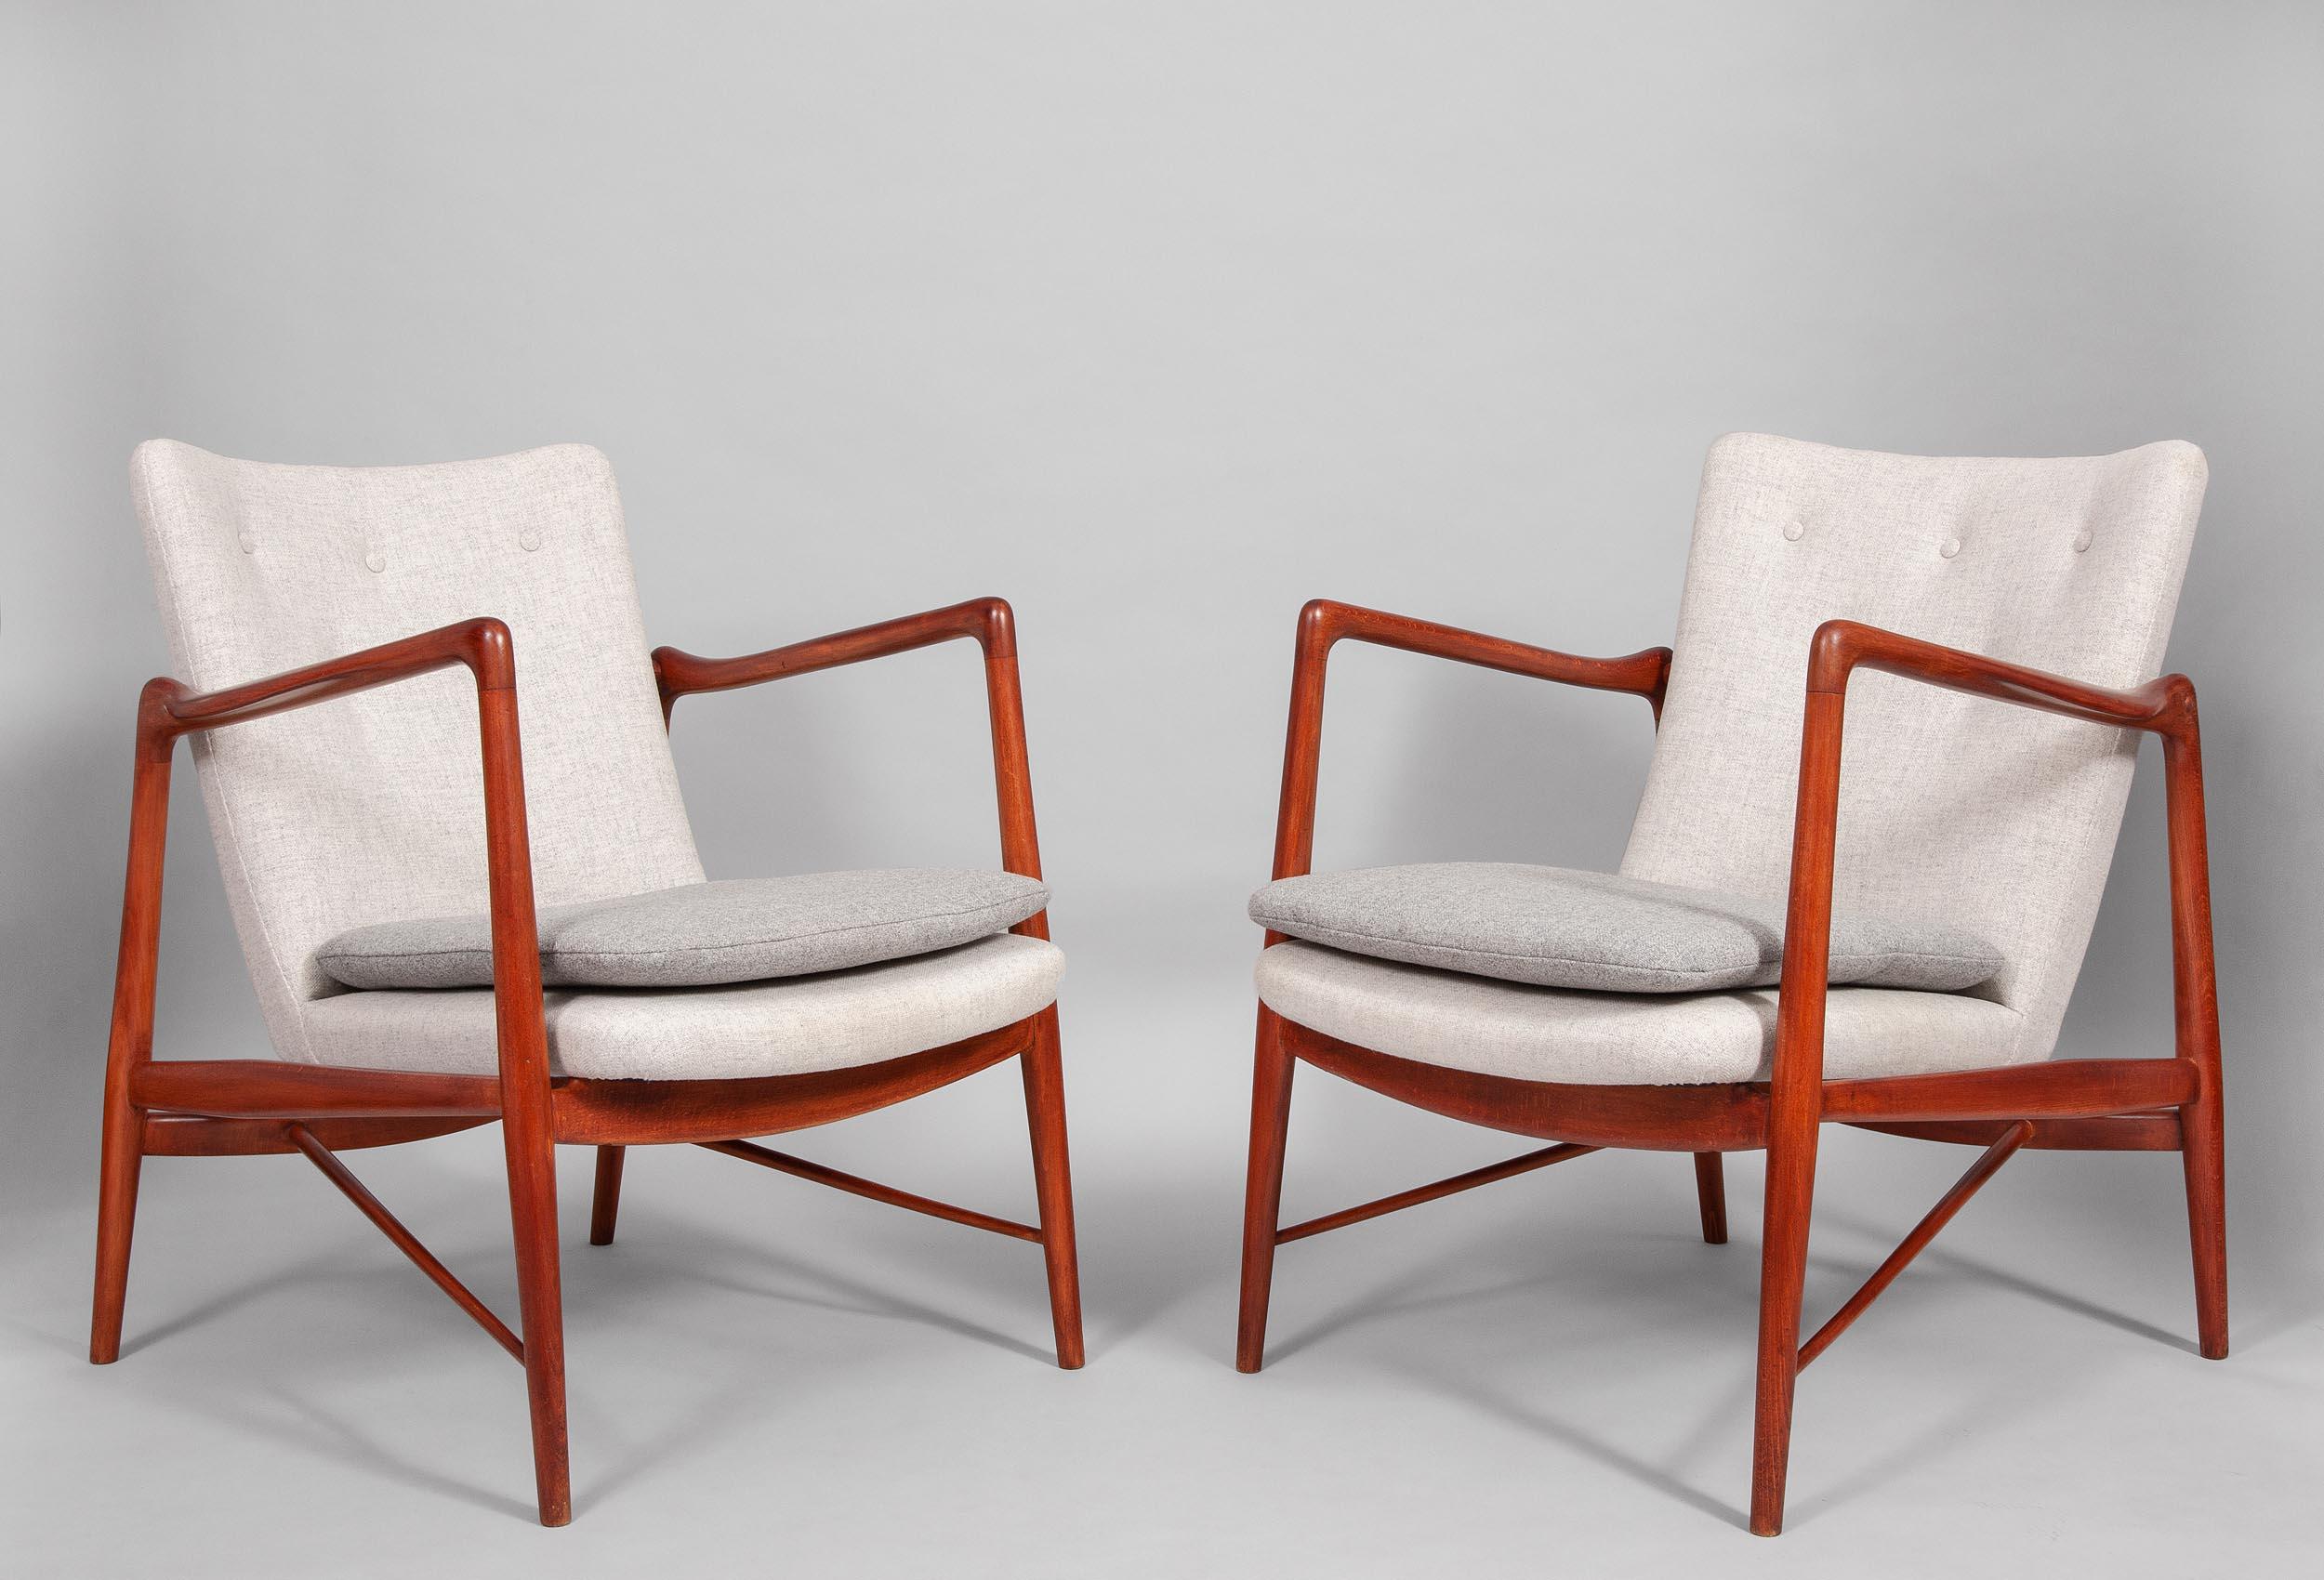 Finn Juhl Bovirke armchairs